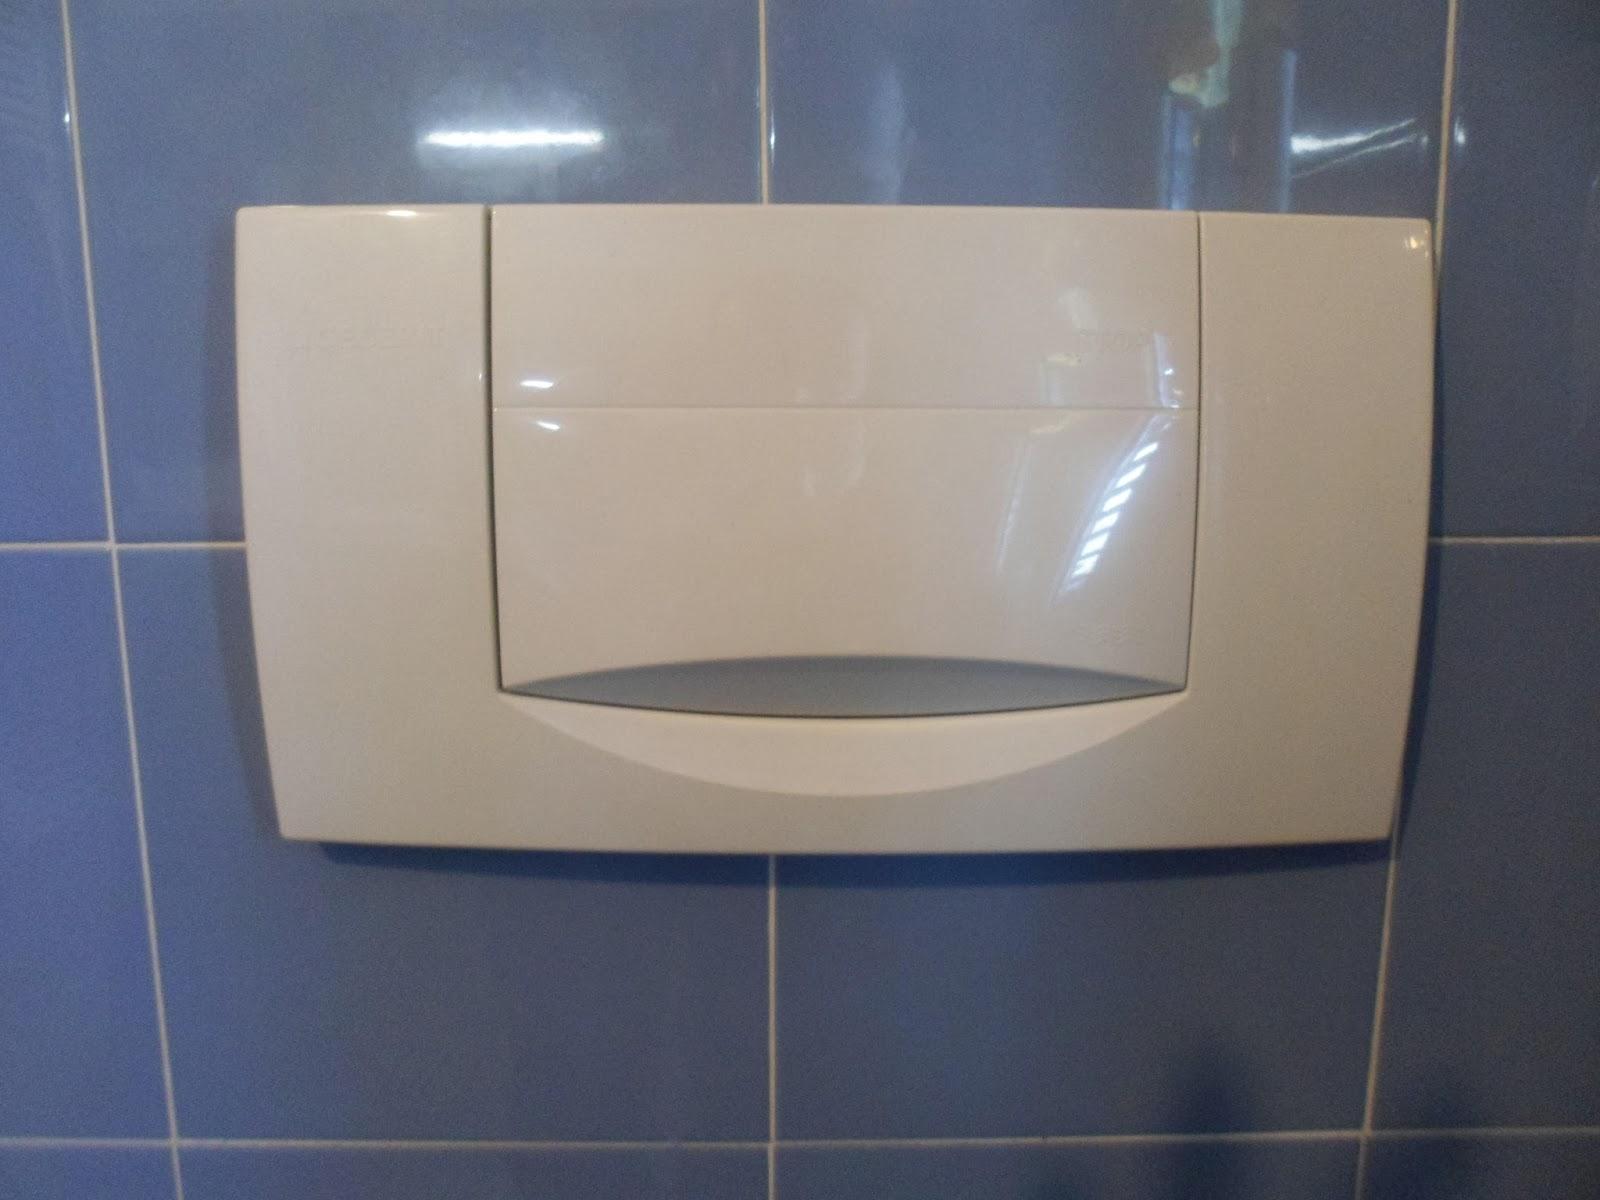 Soluzioni fai da te gennaio 2014 - Cassetta scarico wc esterna montaggio ...